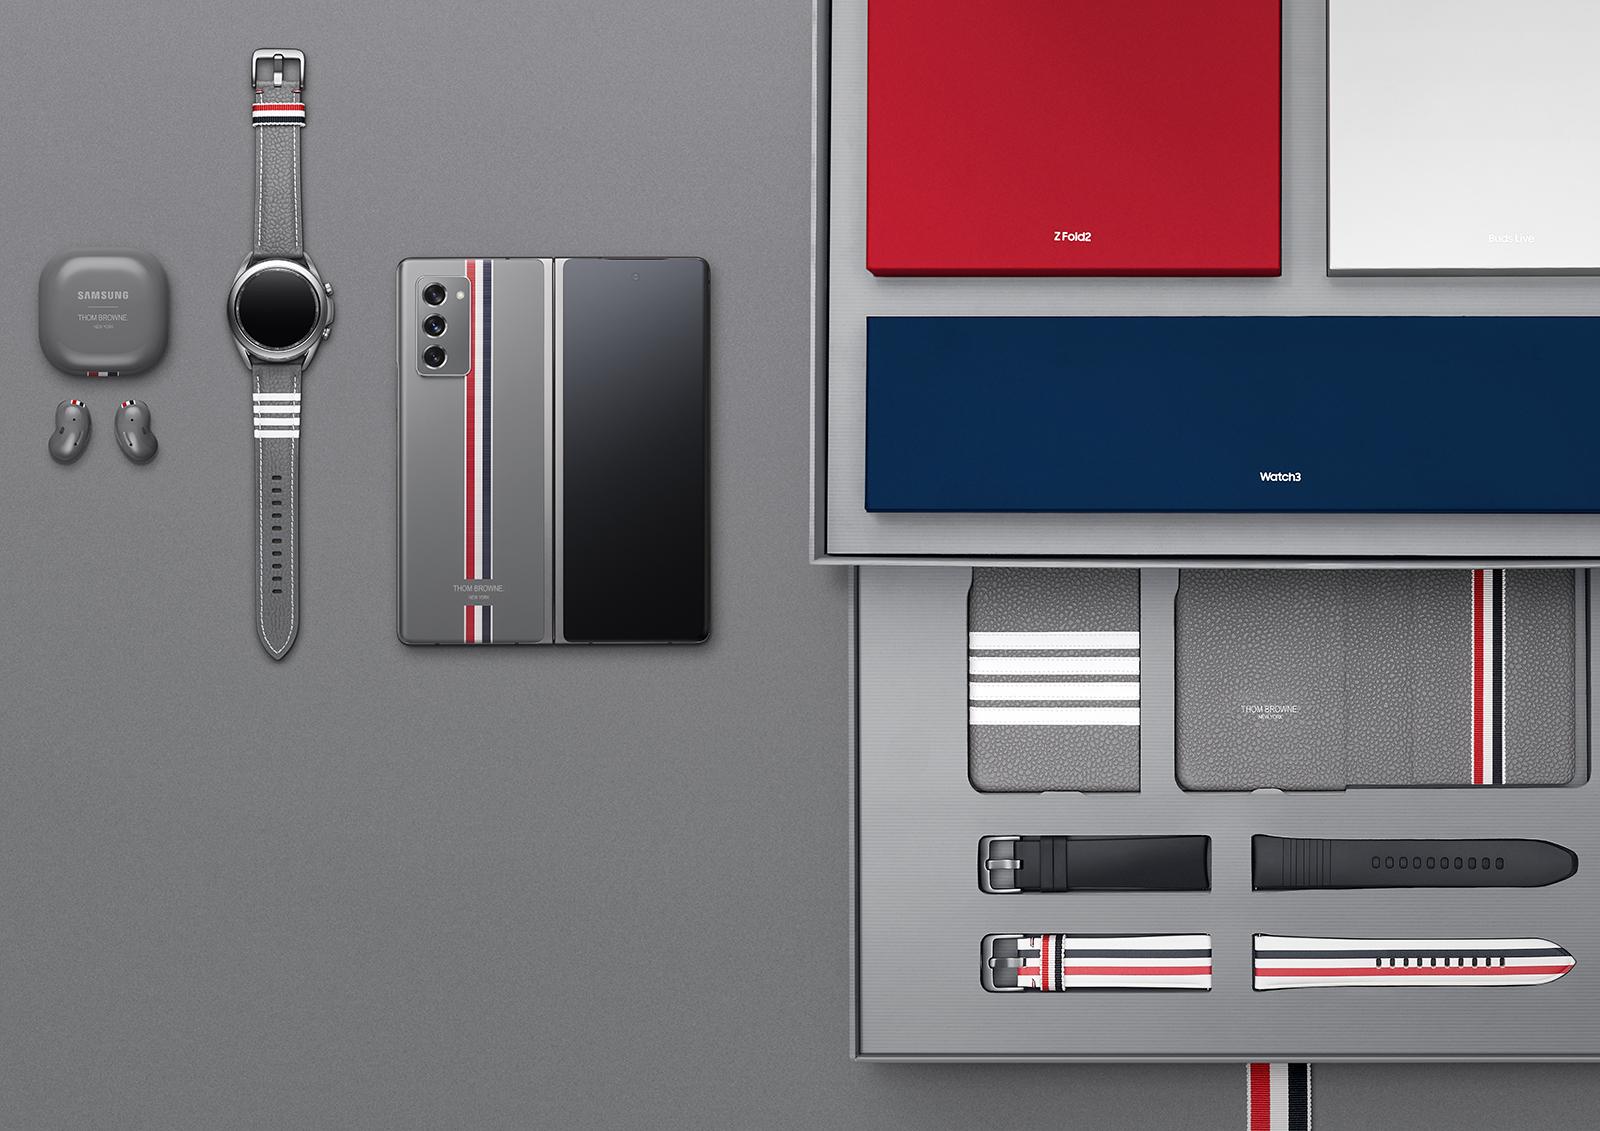 Samsung Galaxy Z Fold 2 Thom Browne